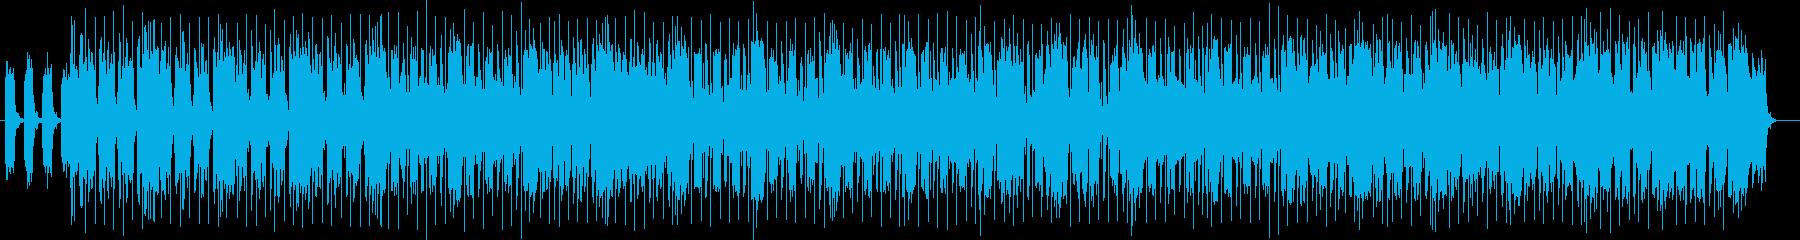 未来的なヴァリエーションミュージックの再生済みの波形